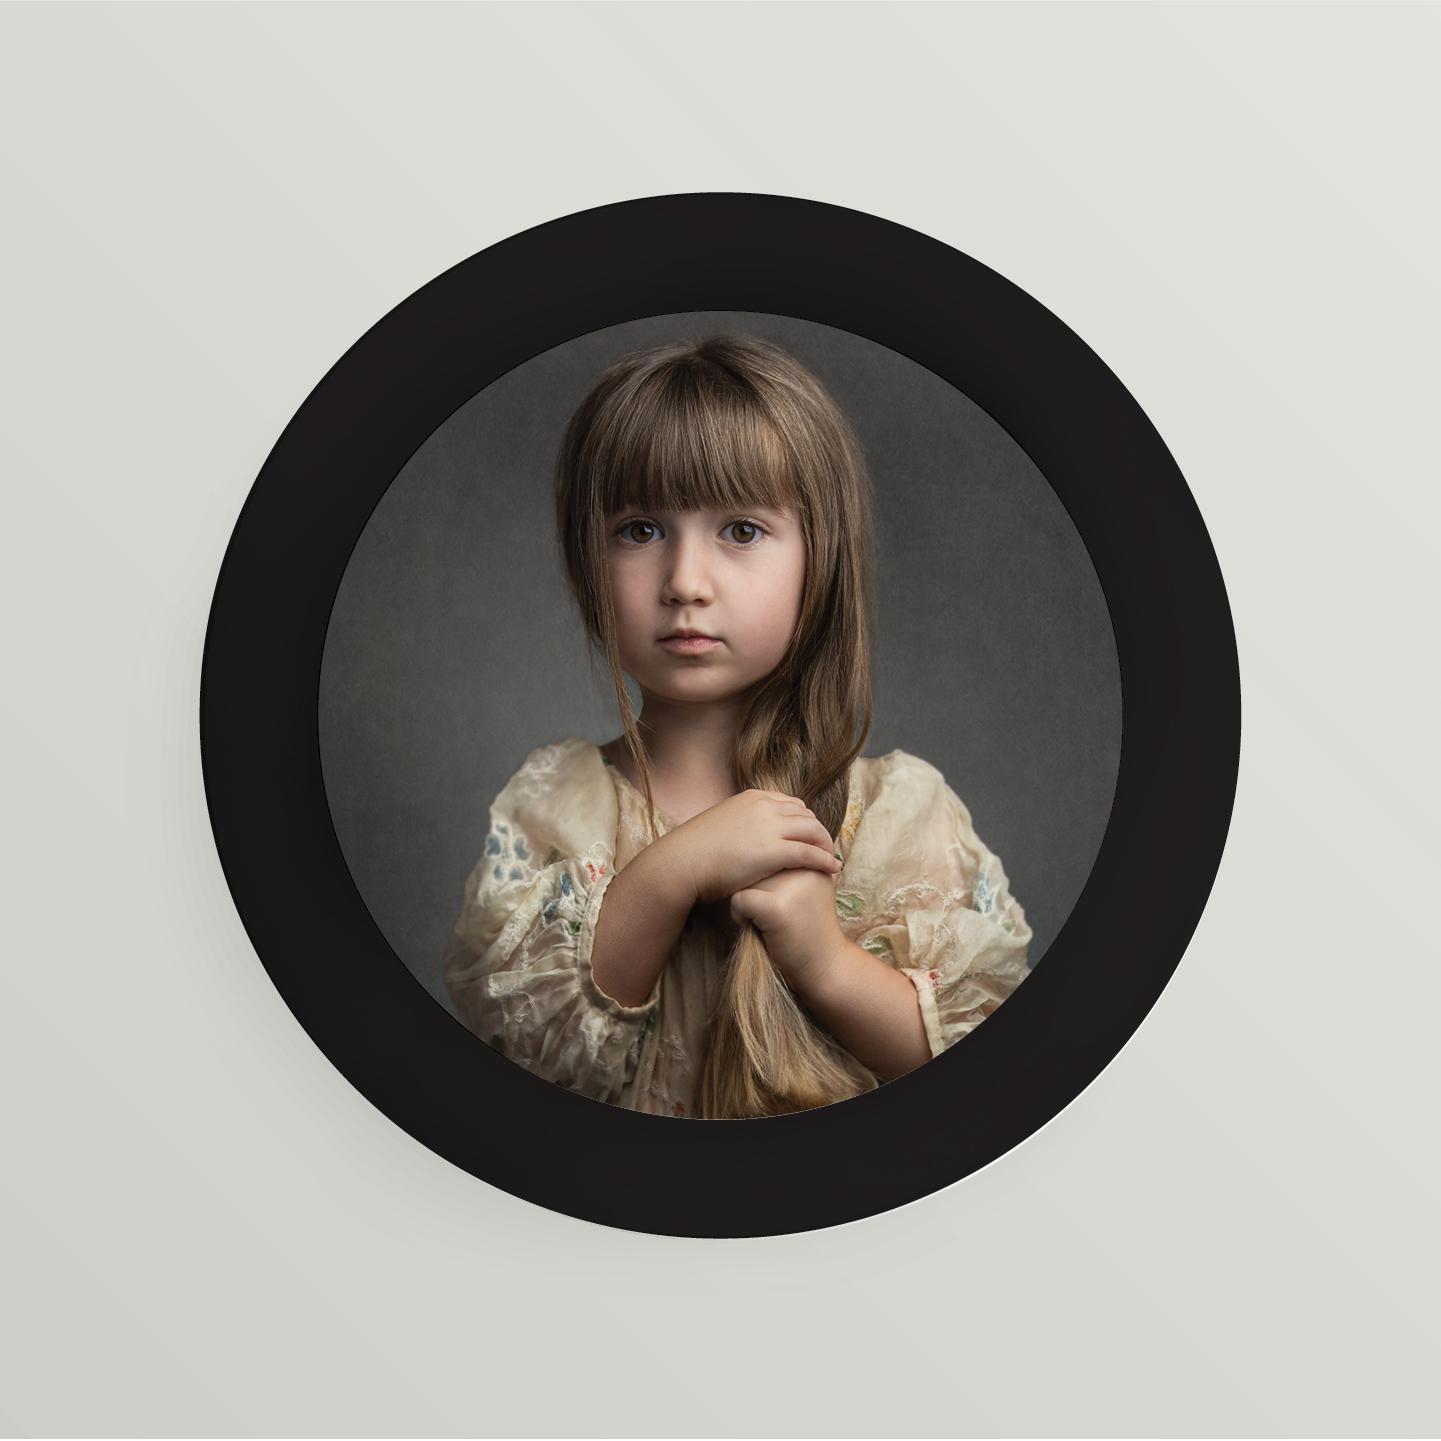 02 | Black matte wooden frame